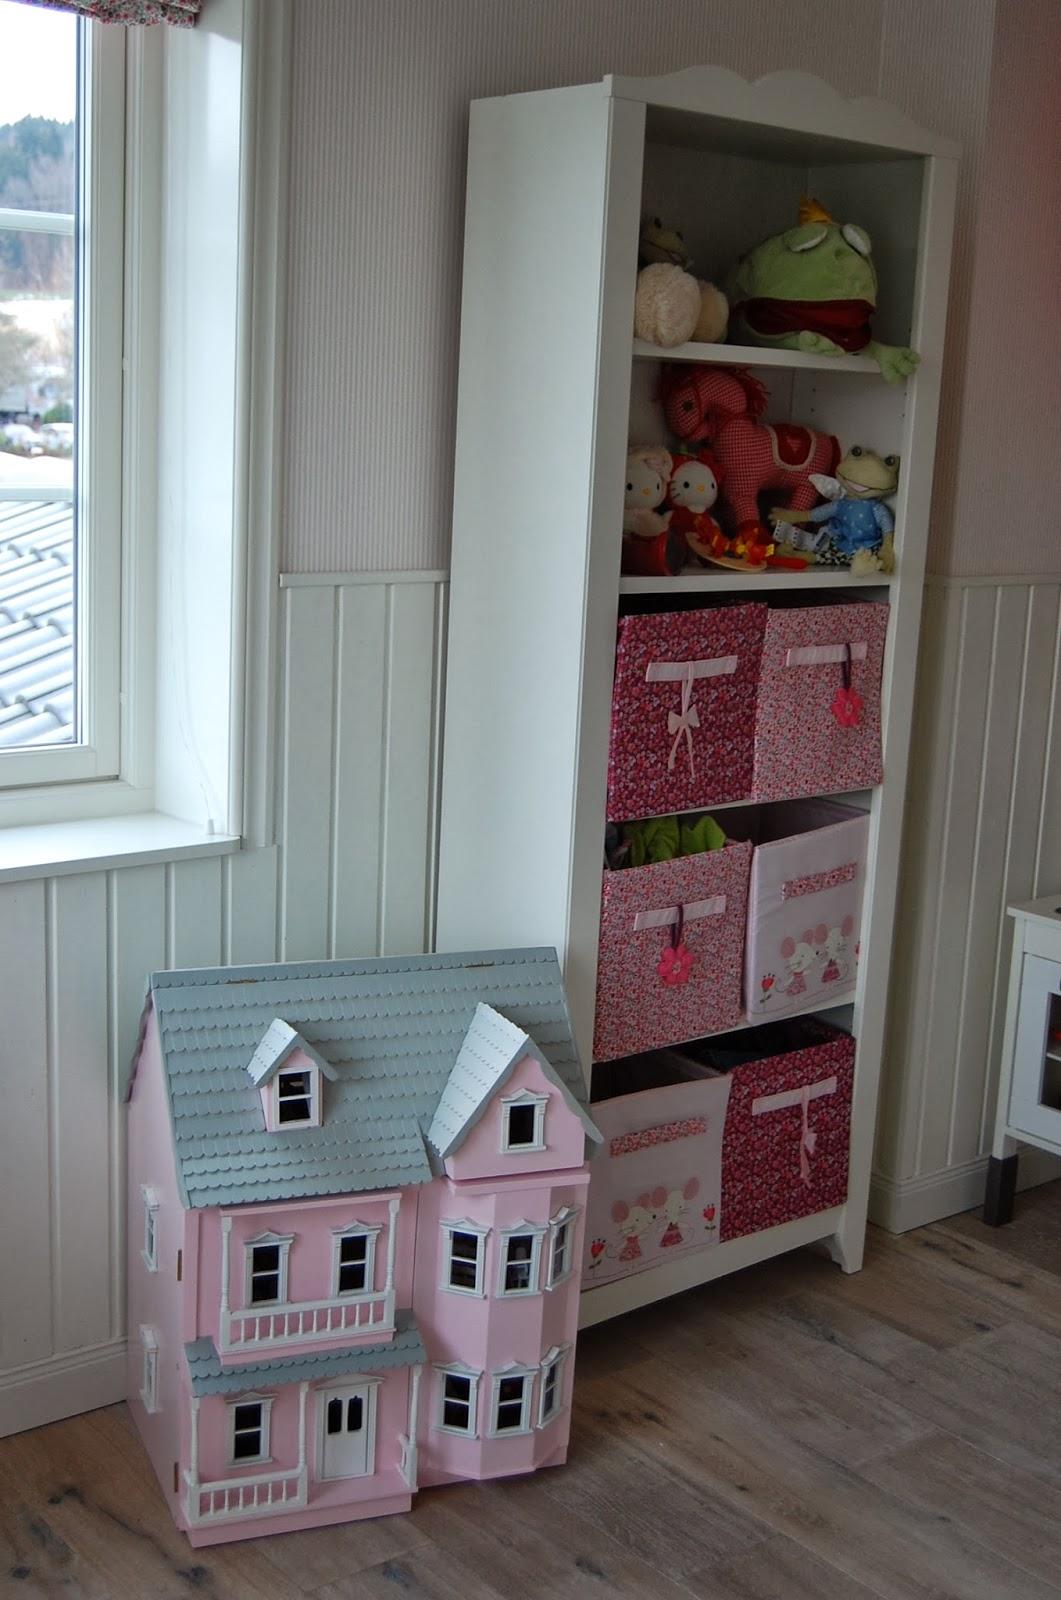 villajenal kinderzimmer nummer 2. Black Bedroom Furniture Sets. Home Design Ideas